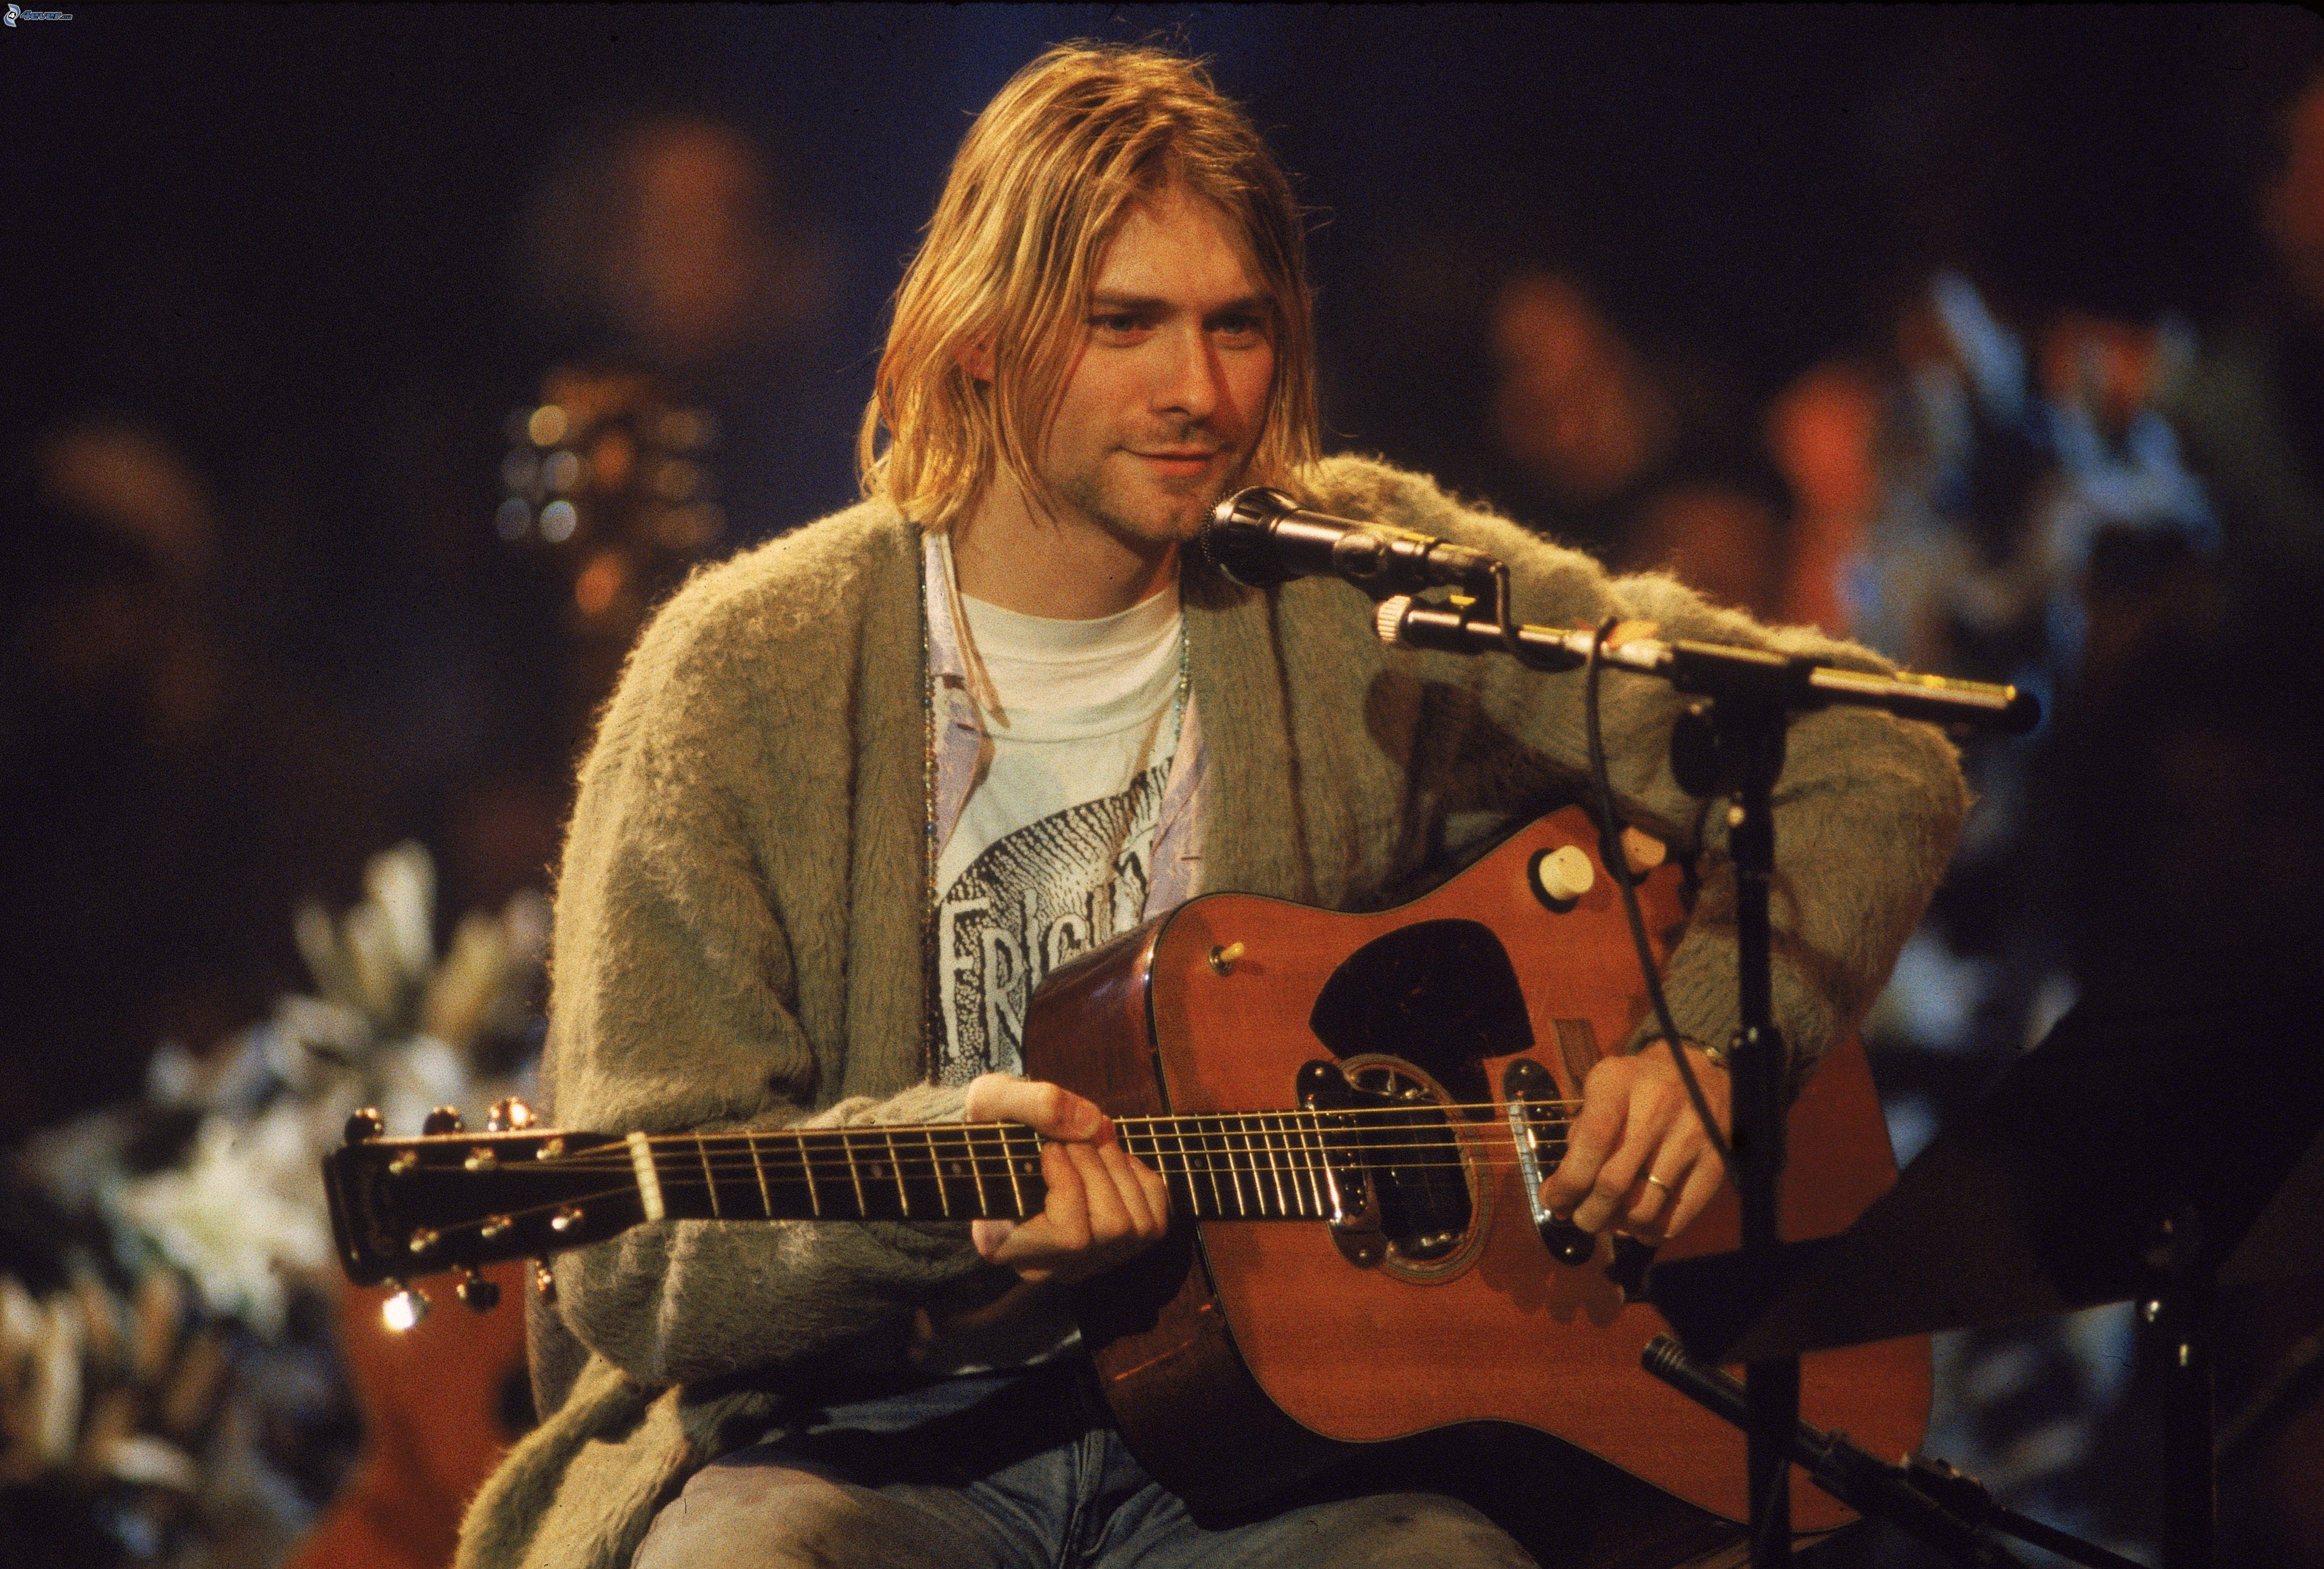 Kurt Cobain con la chitarra sul palco dell'MTV Unplugged 1993 dei Nirvana